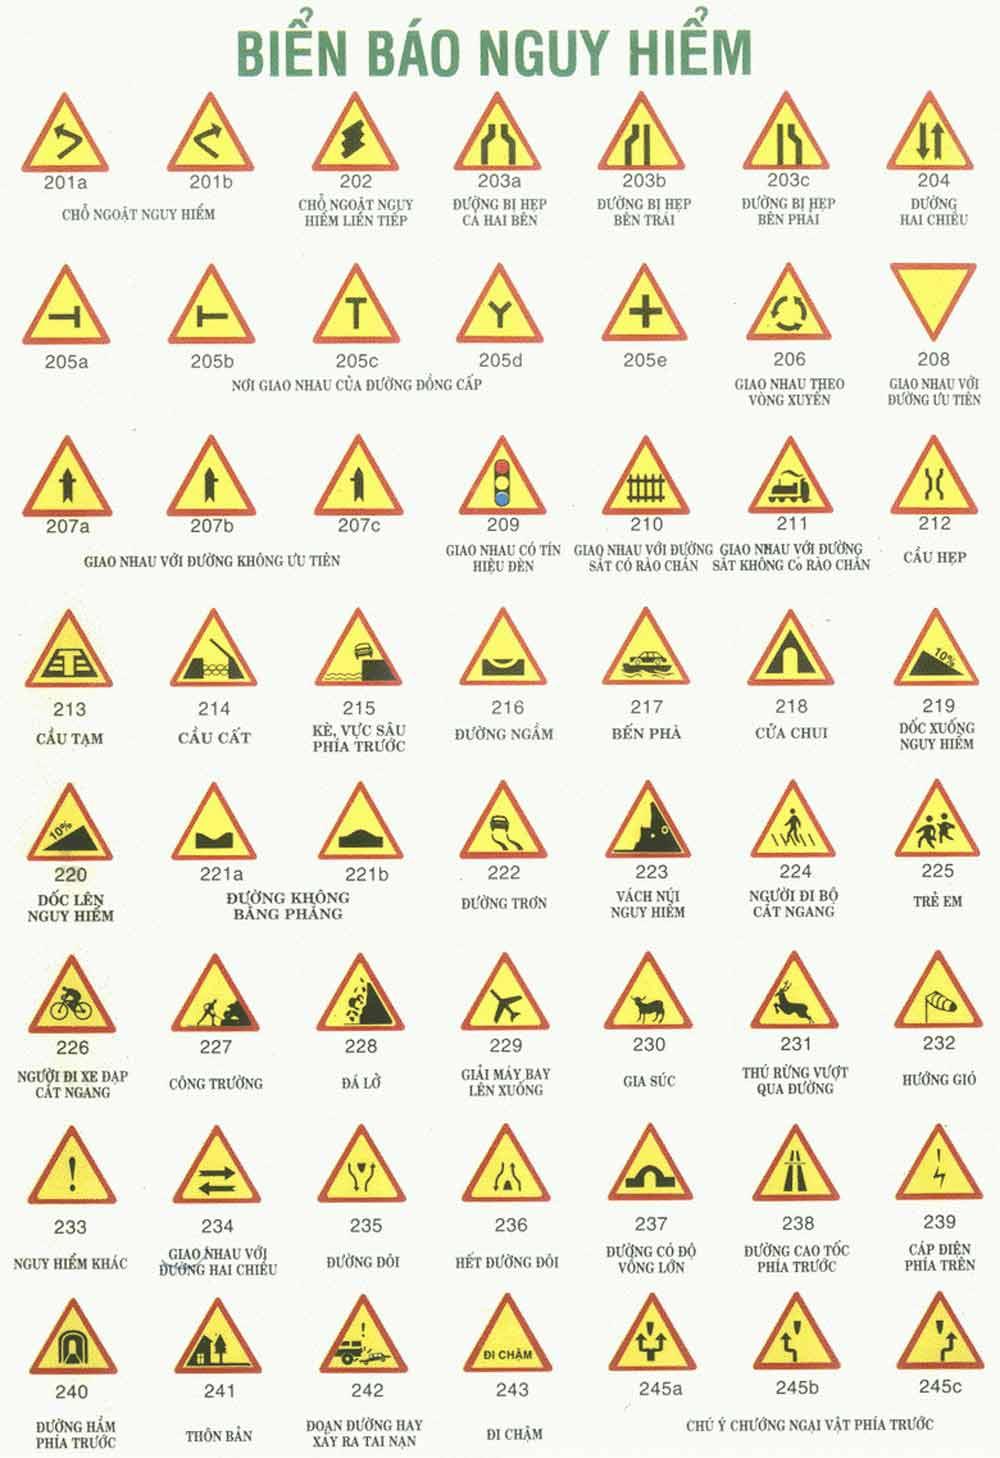 Các loại Biển báo nguy hiểm